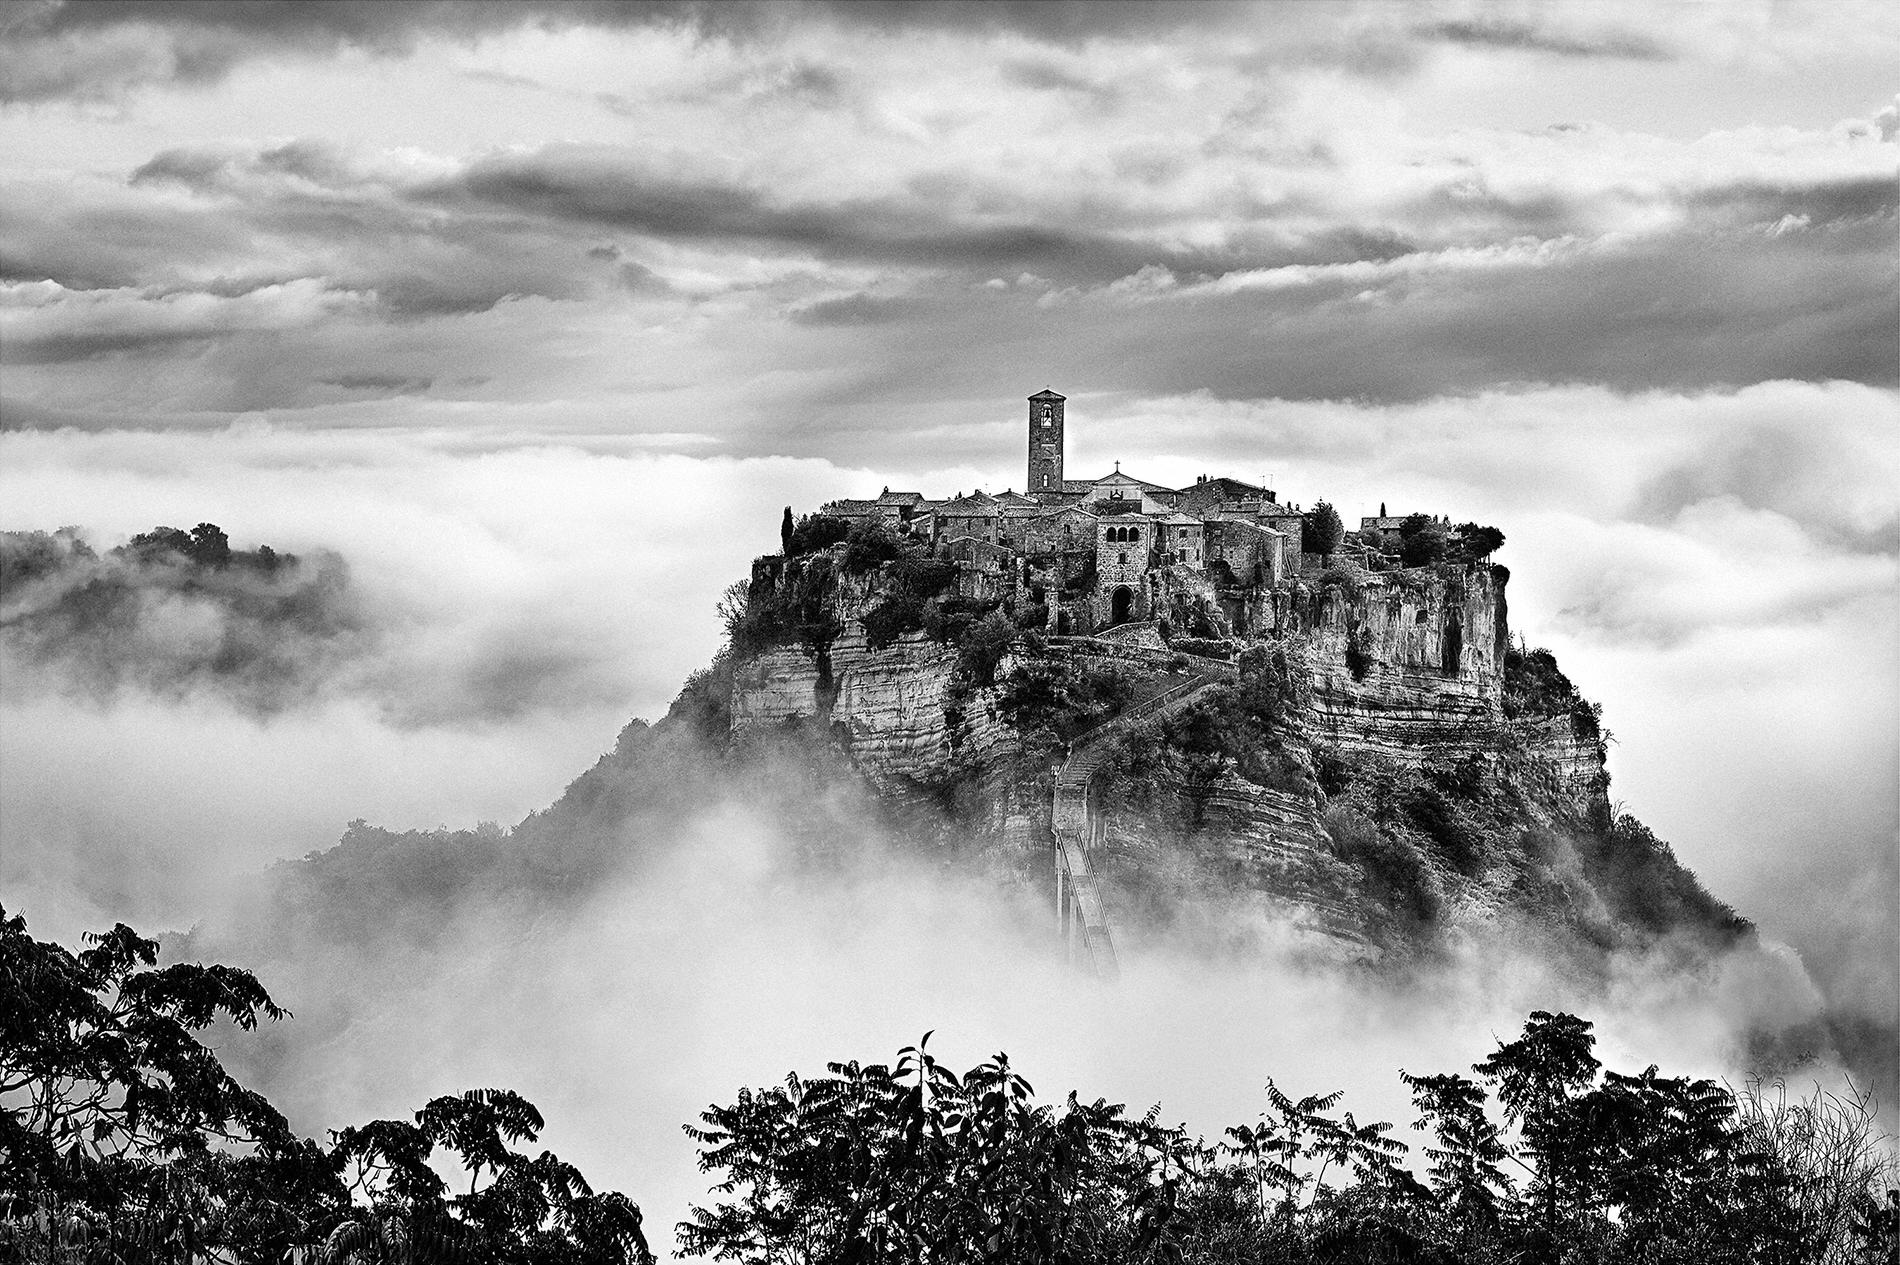 Fra nuvole e vento: le fotografie di Brian Stanton in mostra a Civita di Bagnoregio